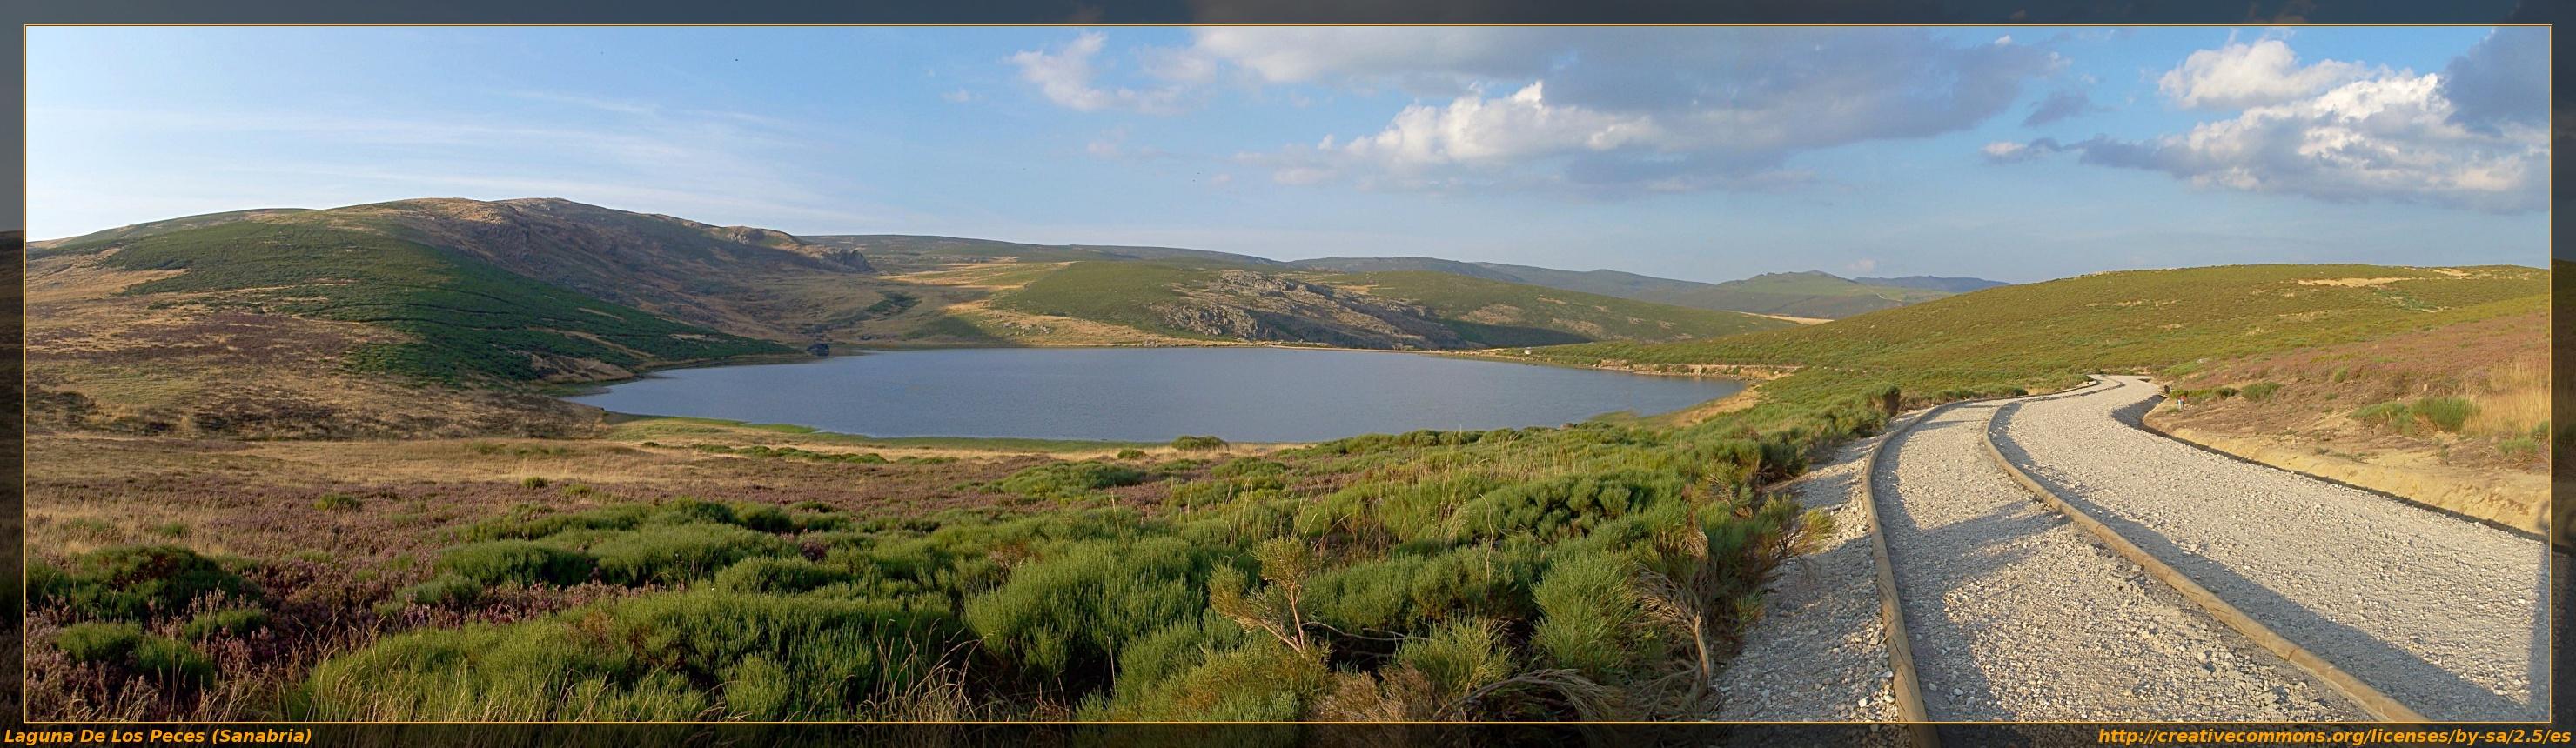 Lago de sanabria zamora est ropes el c clope for Como hacer una laguna artificial para peces